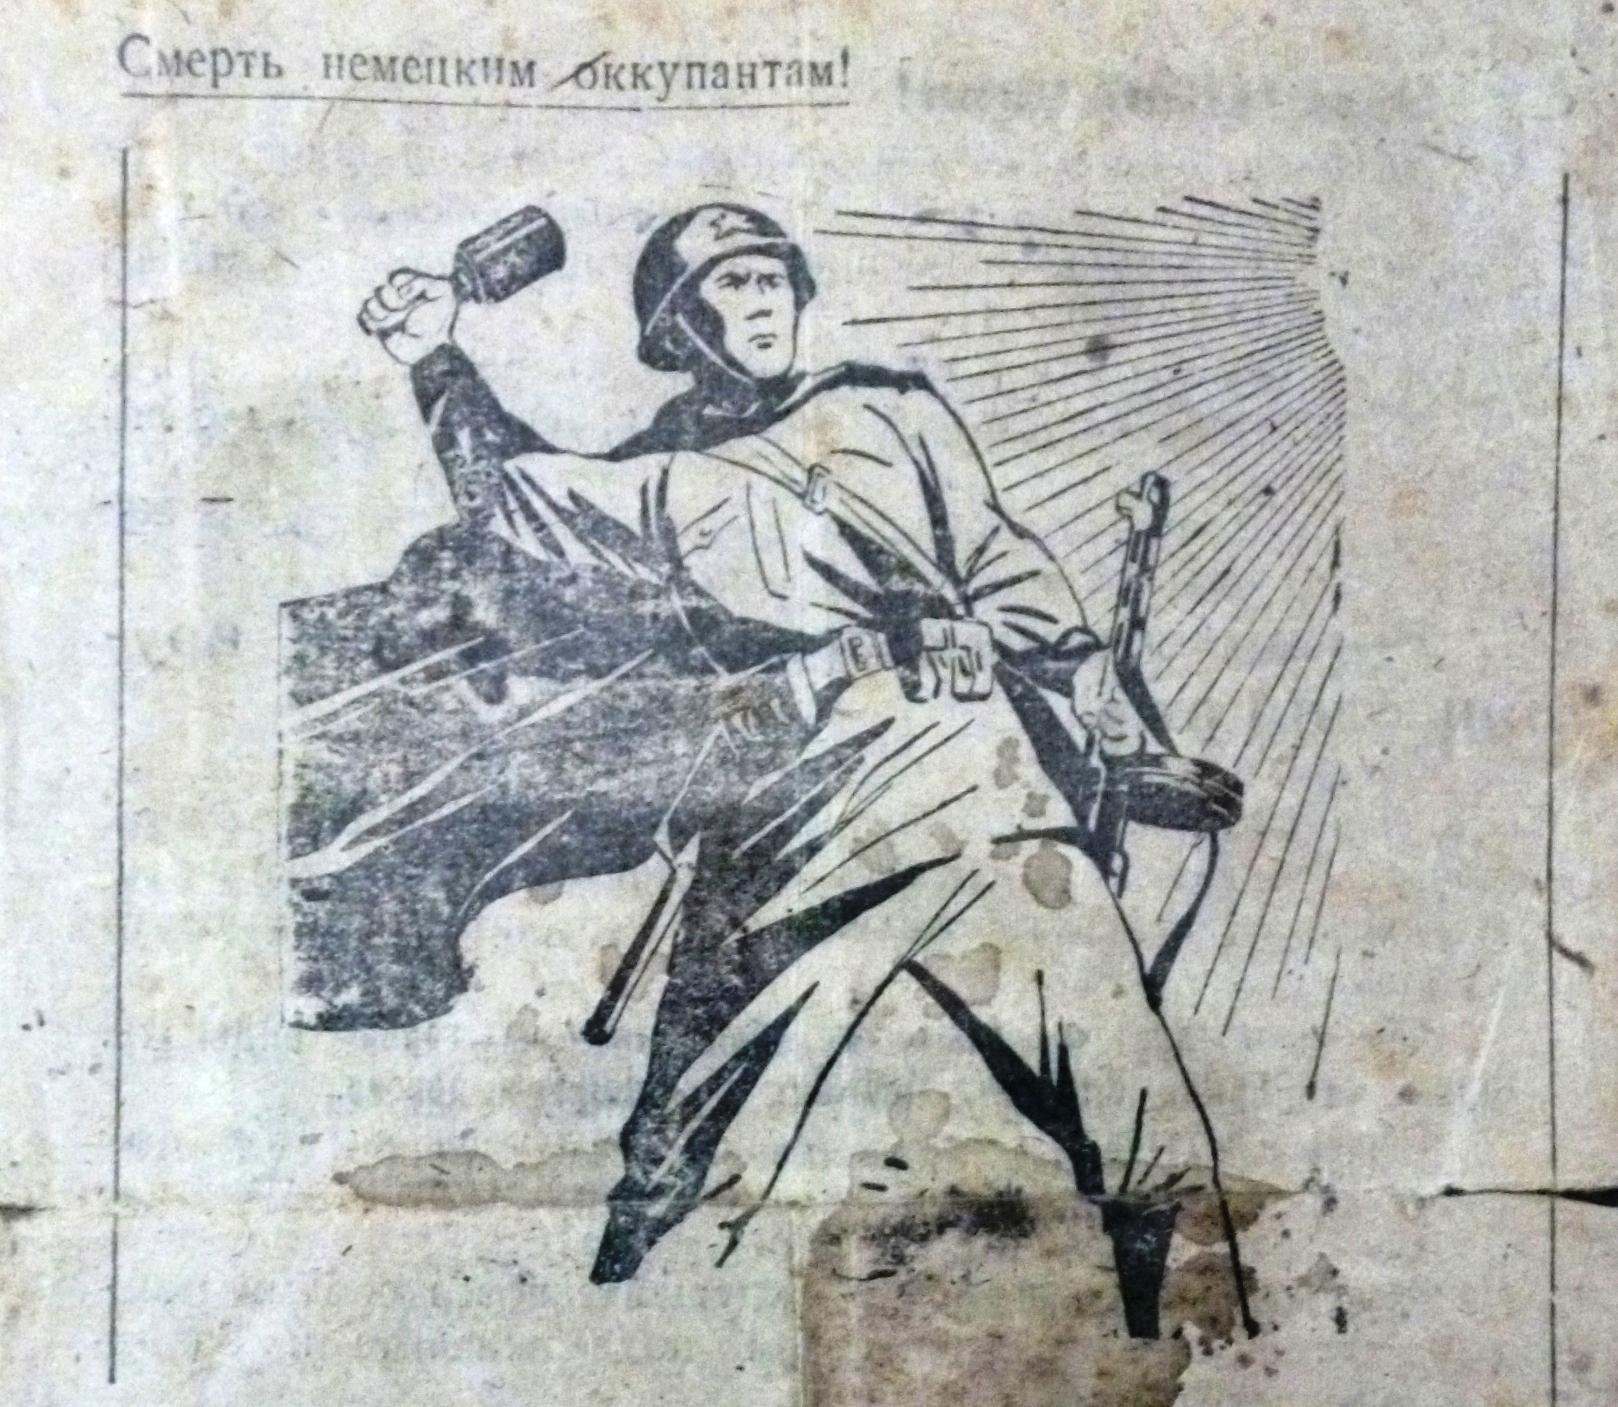 Открытка смерть немецким оккупантам, открытка фотошоп